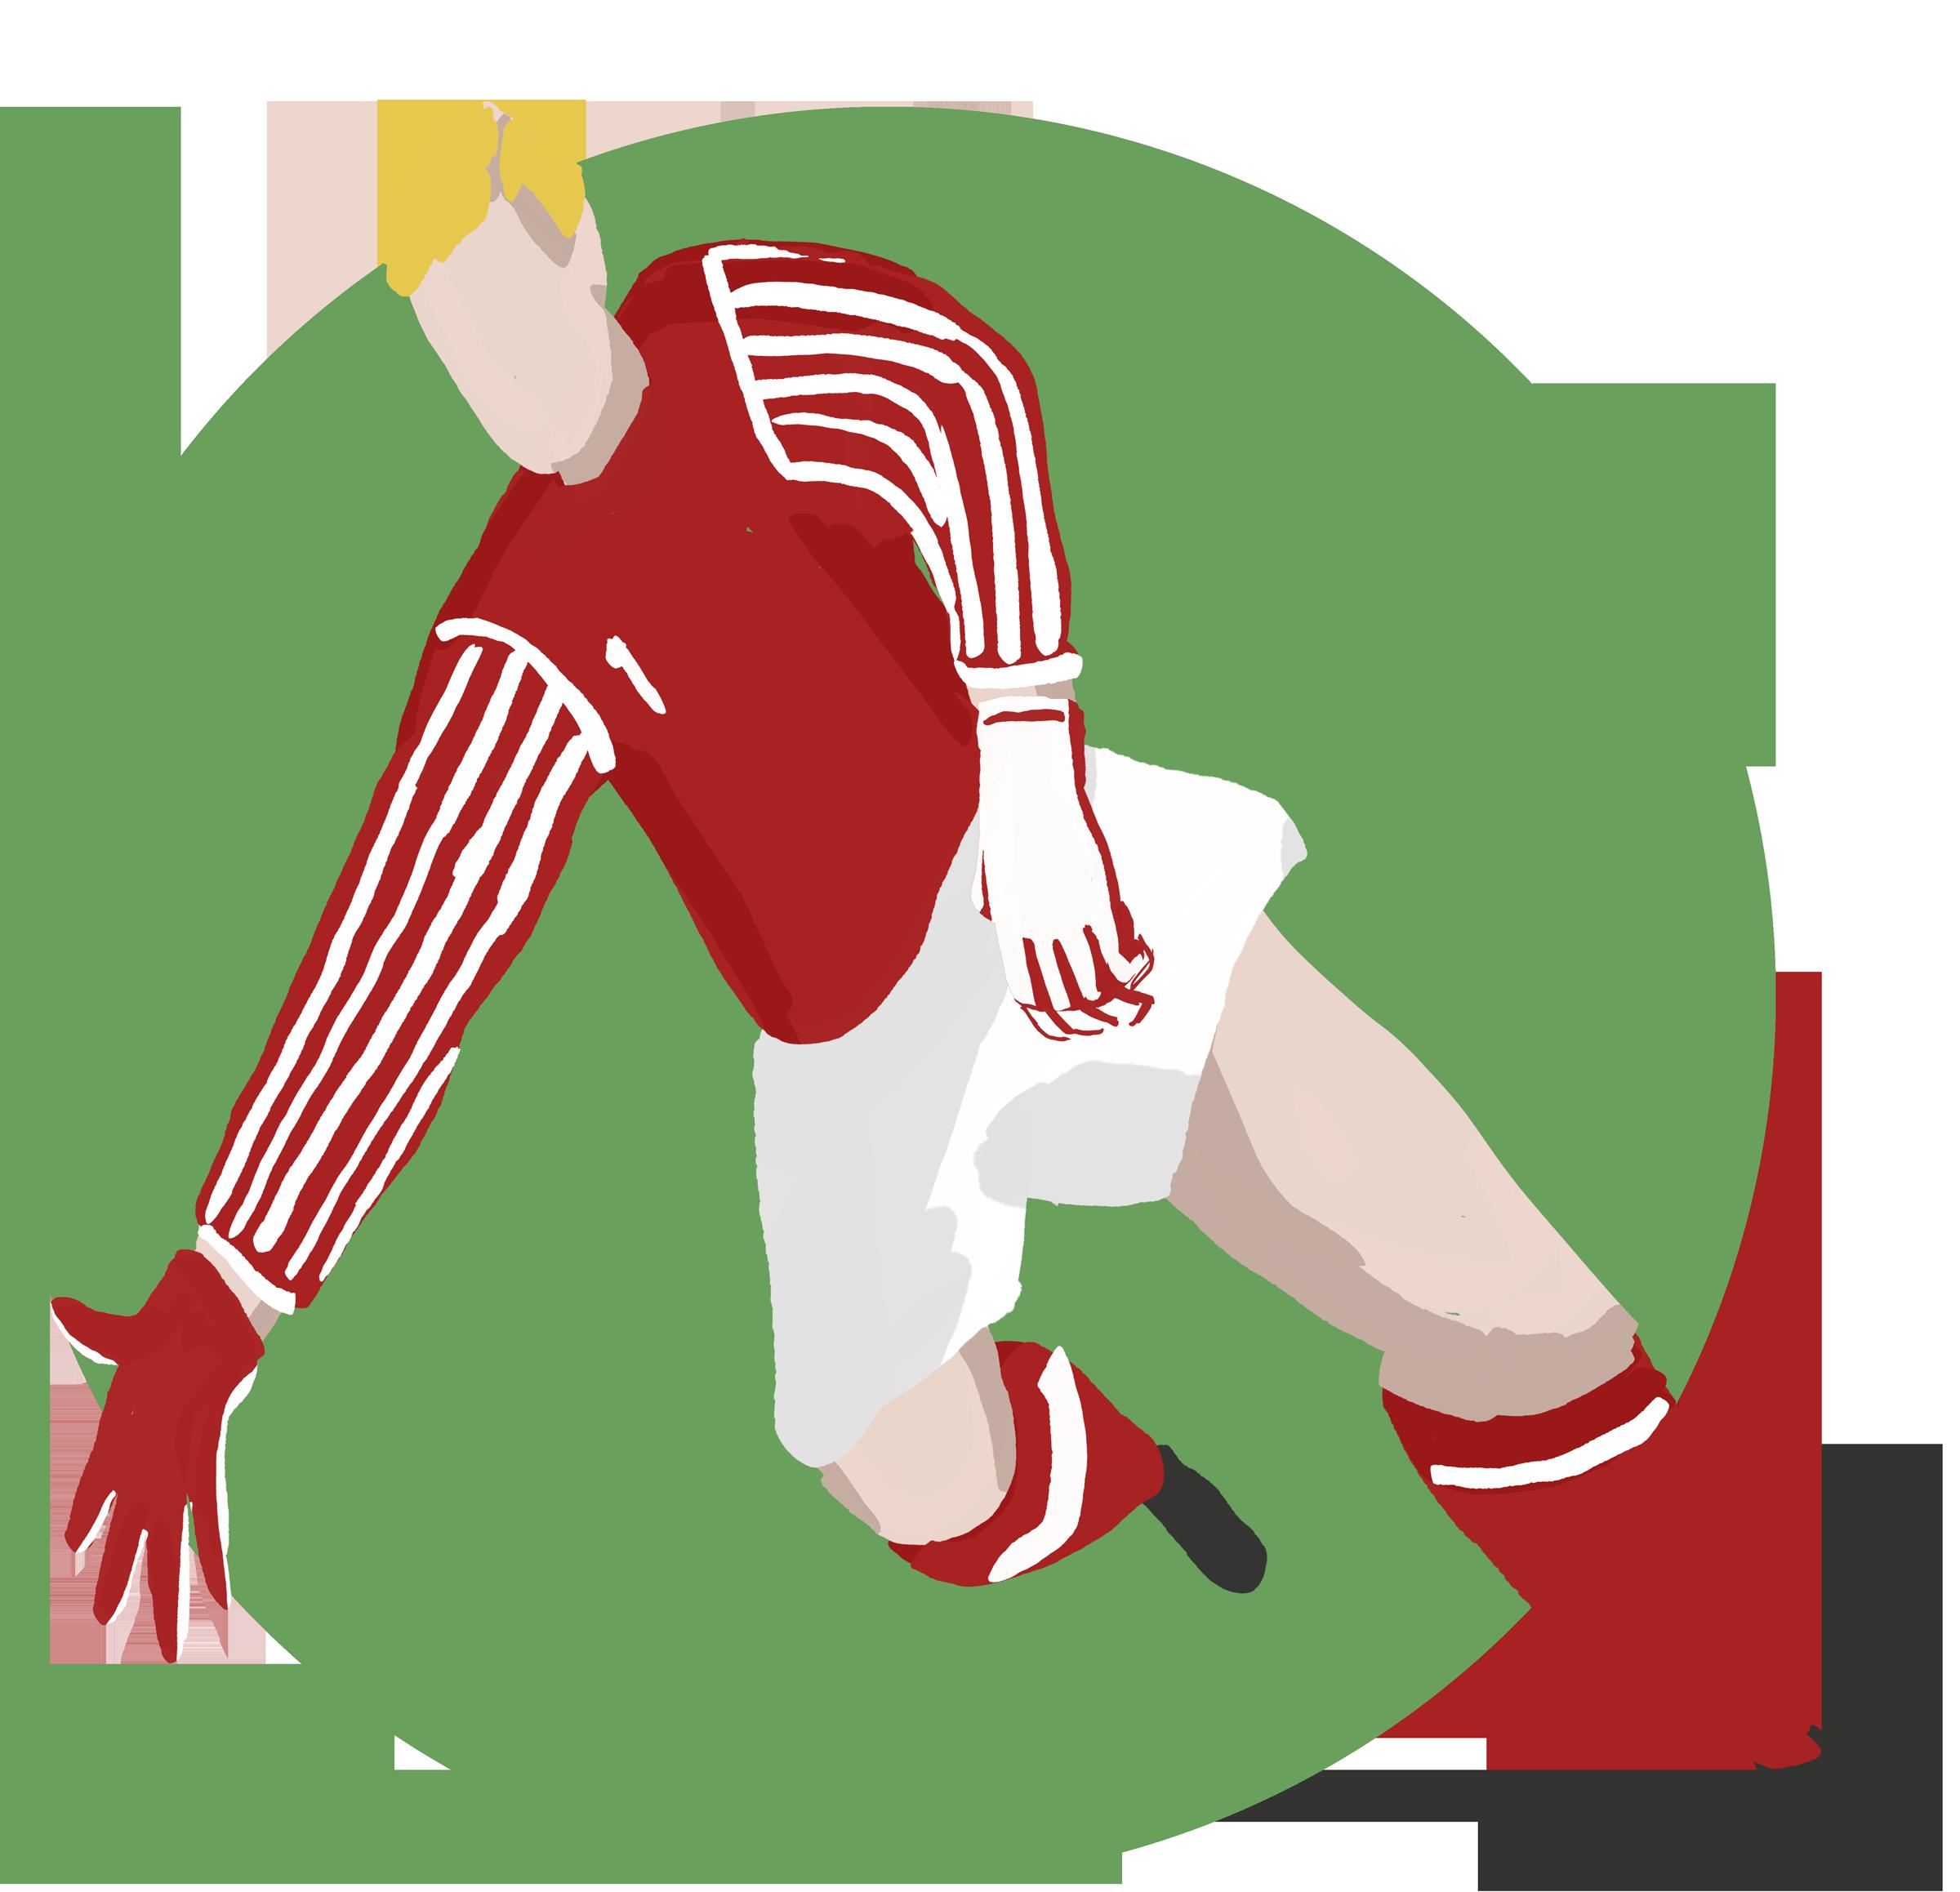 Goalkeeper sketch